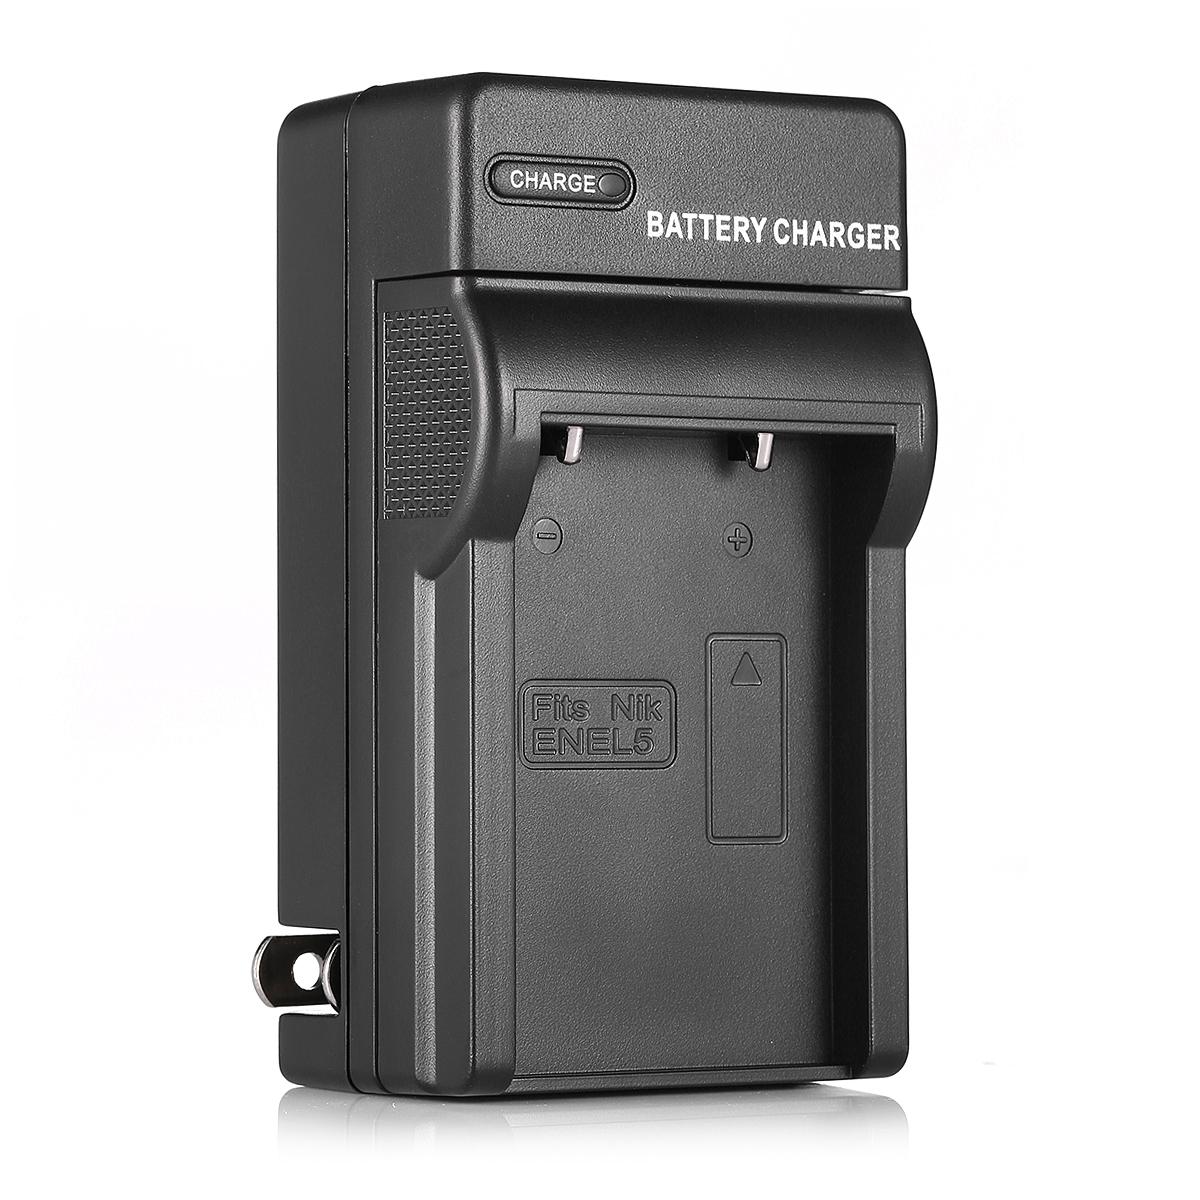 2x En El5 Enel5 Battery Charger For Nikon Coolpix P6000